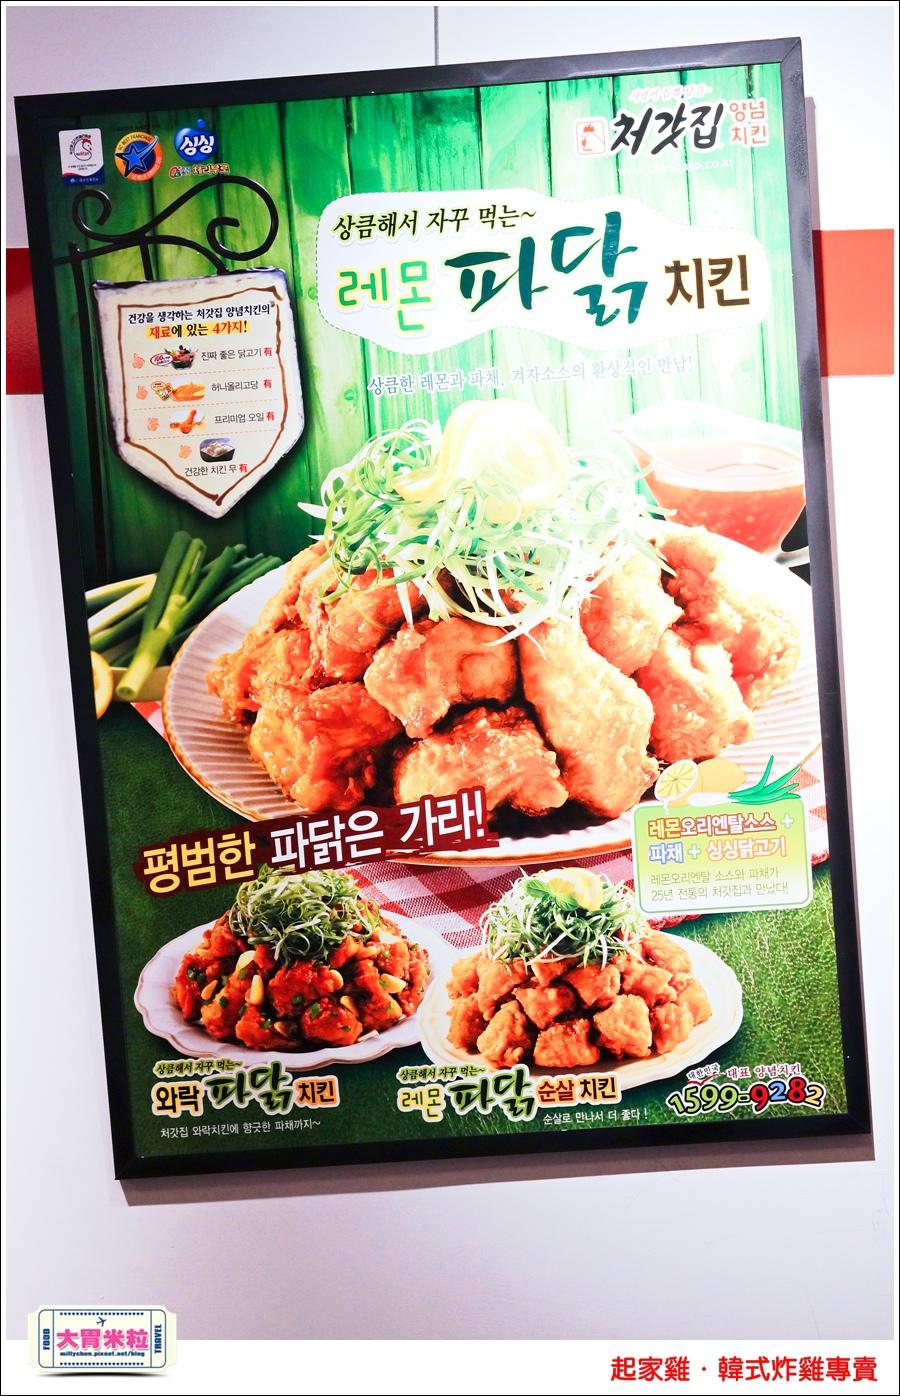 台北韓式炸雞推薦@起家雞Cheogajip哇樂炸雞@大胃米粒0019.jpg